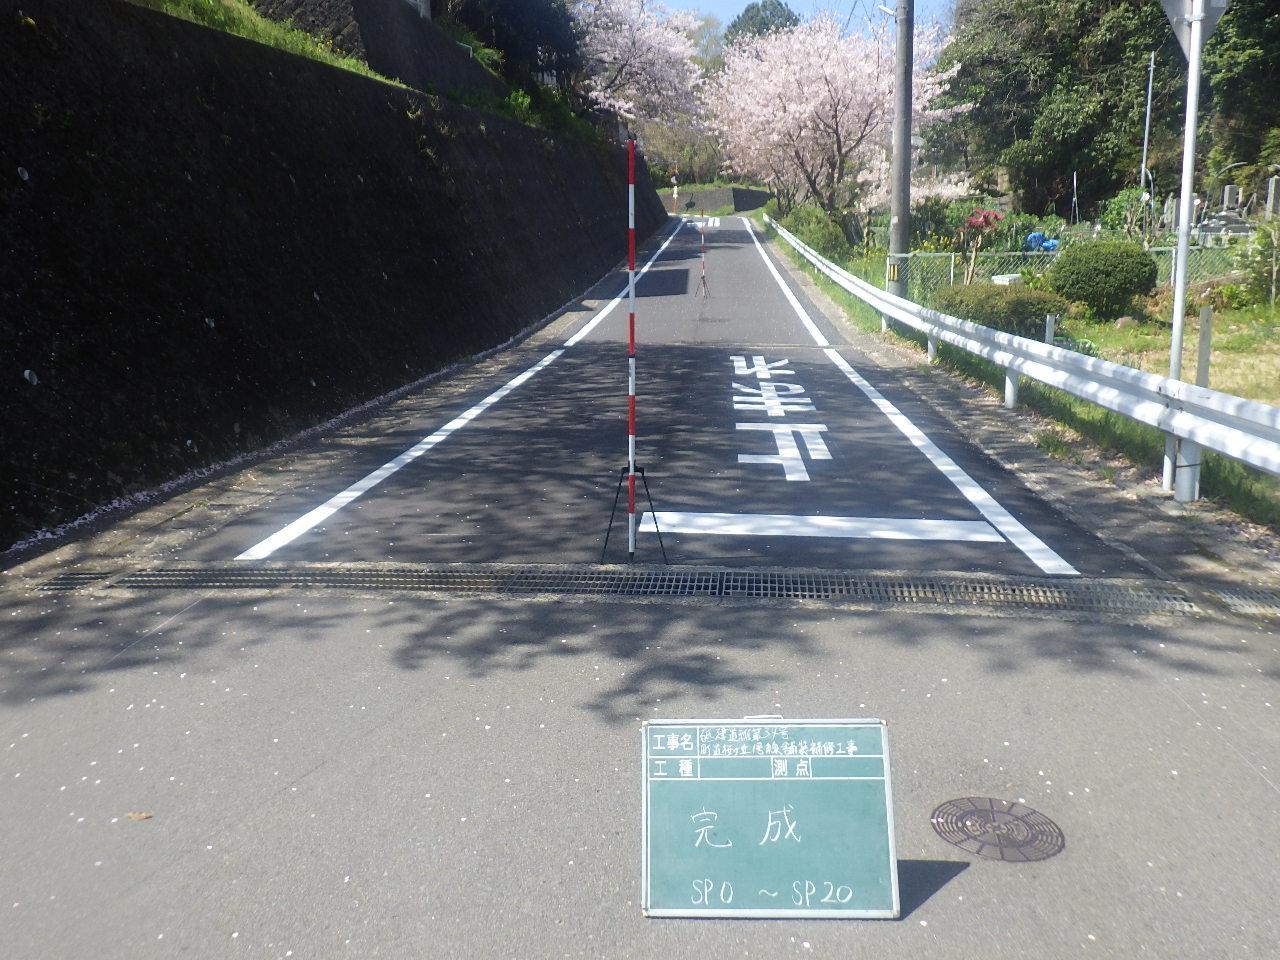 砥建道維第34号 町道桜ヶ丘1号線舗装補修工時